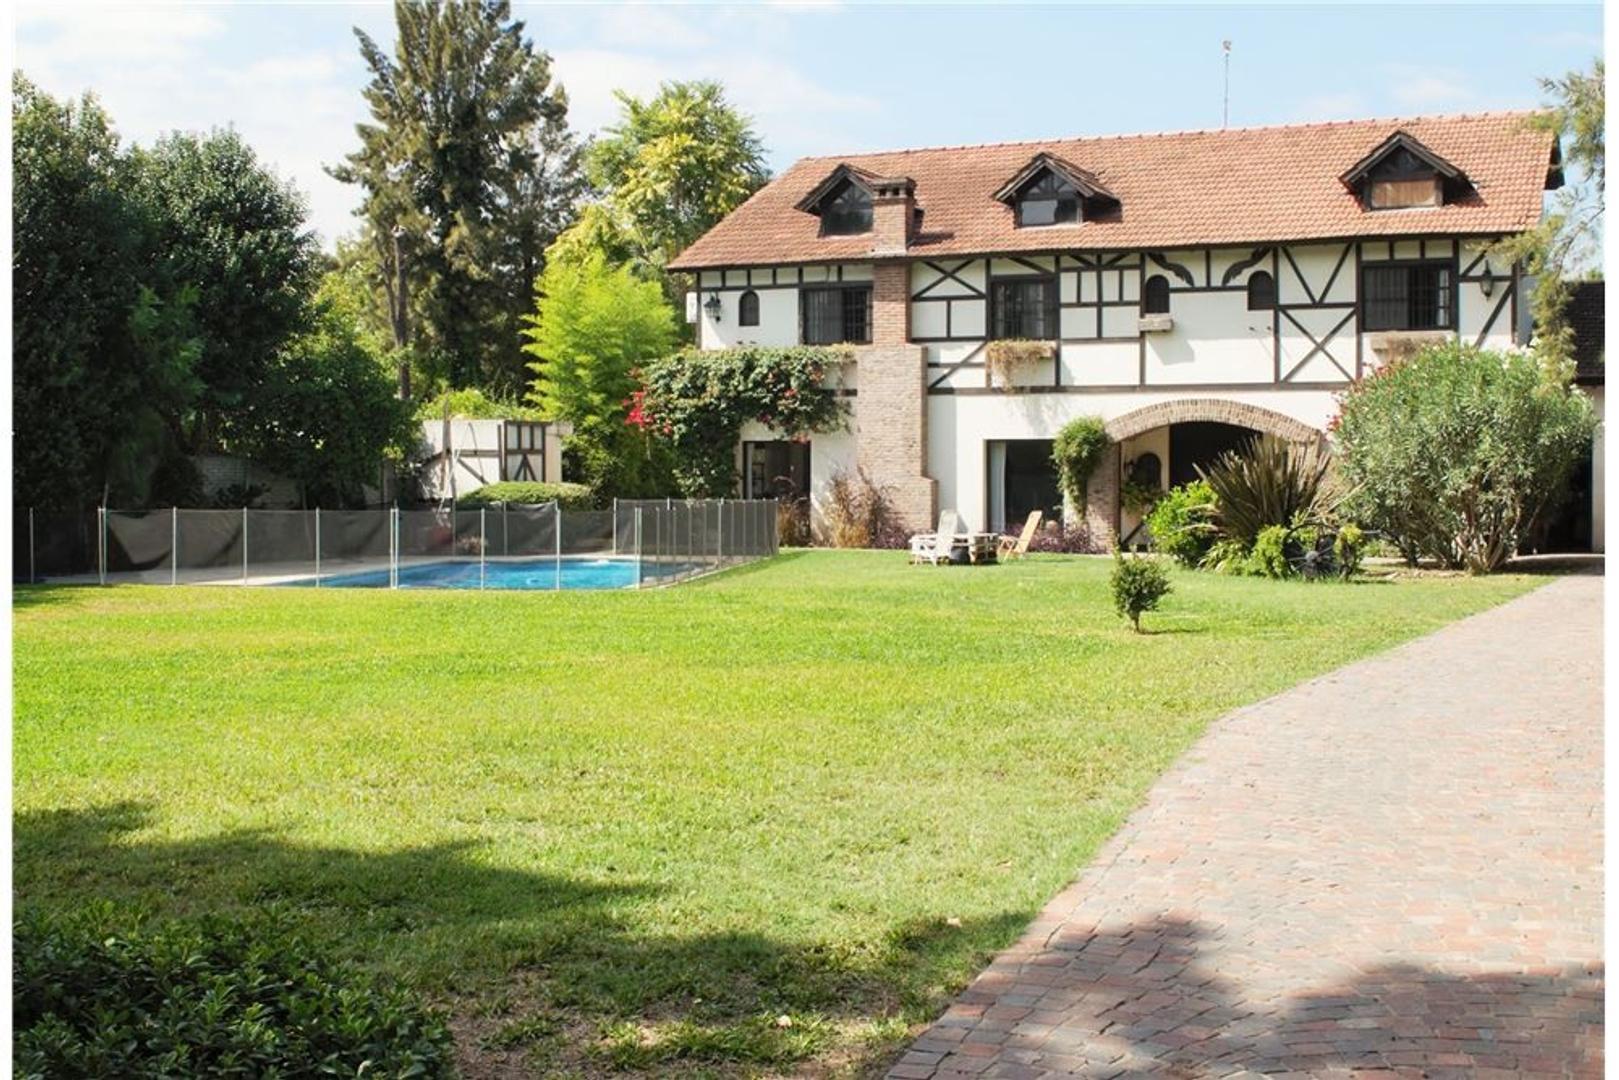 Venta casa en Don Torcuato zona Balbastro.